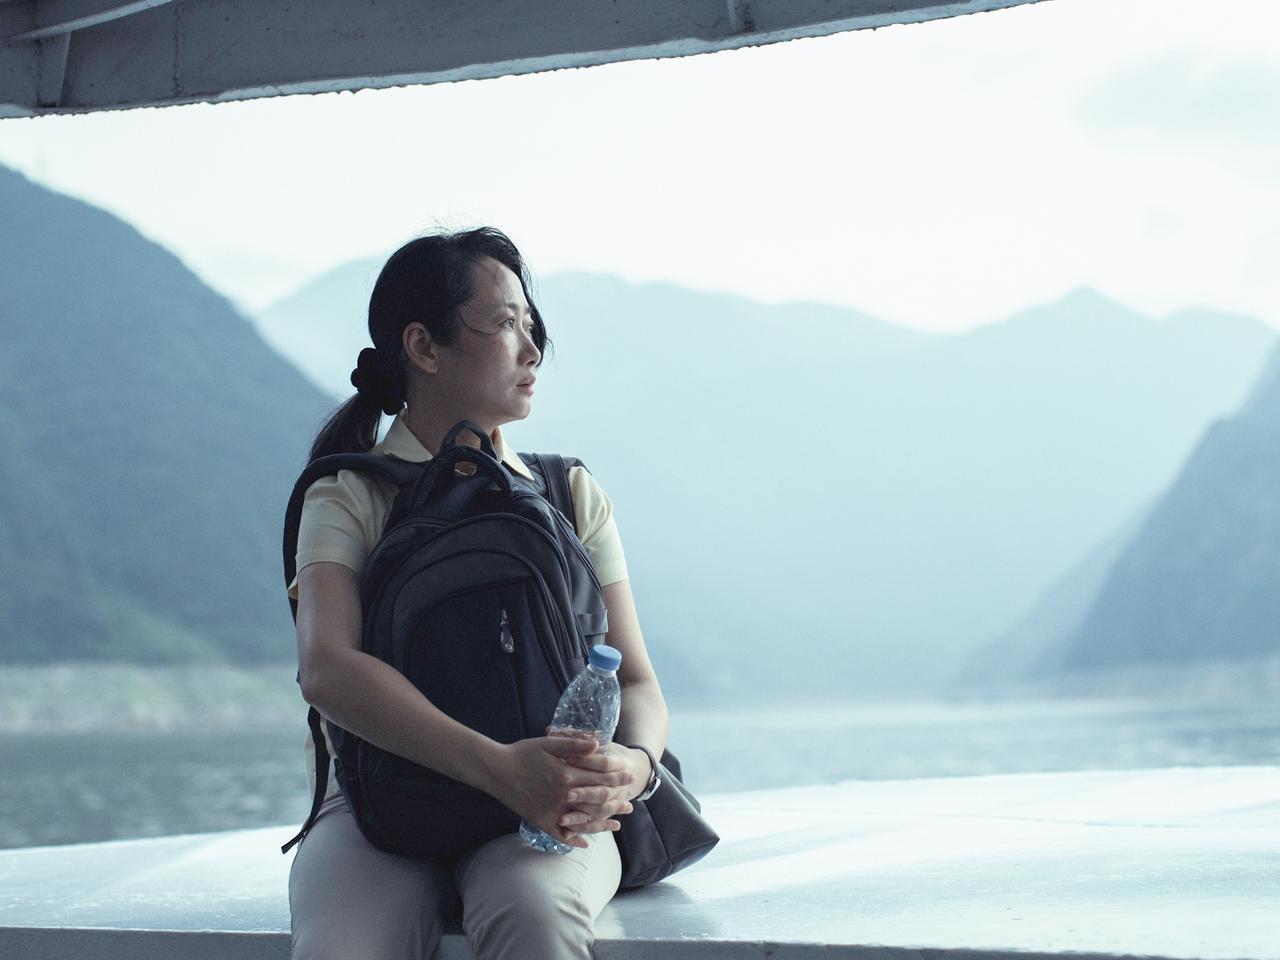 画像4: (C)2018 Xstream Pictures (Beijing) - MK Productions - ARTE France All rights reserved